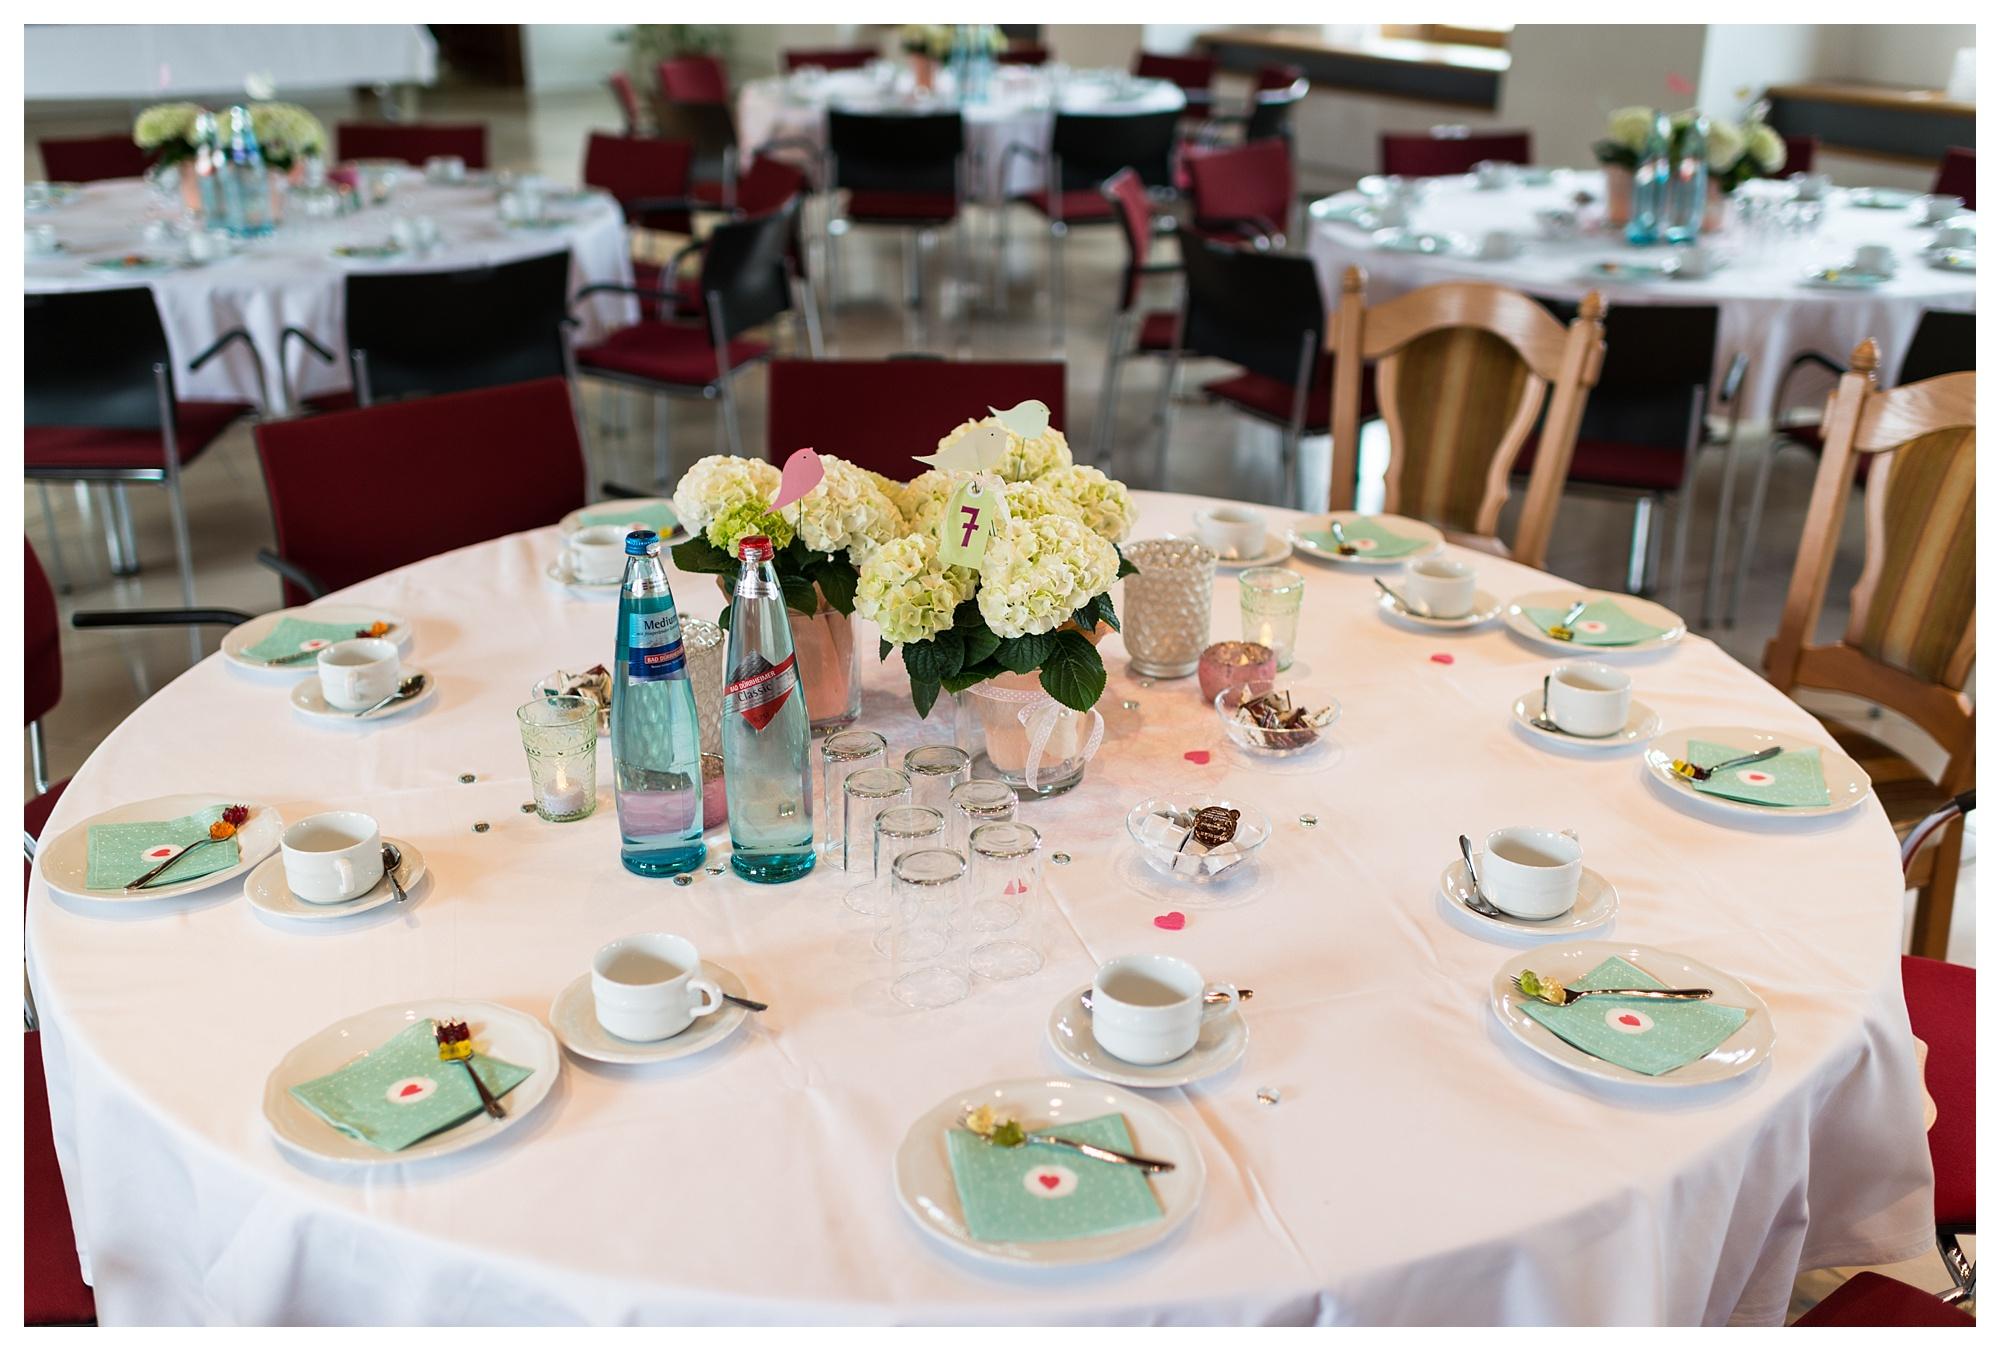 Fotograf Konstanz - Hochzeit Tanja Elmar Elmar Feuerbacher Photography Konstanz Messkirch Highlights 057 - Hochzeitsreportage von Tanja und Elmar im Schloss Meßkirch  - 160 -